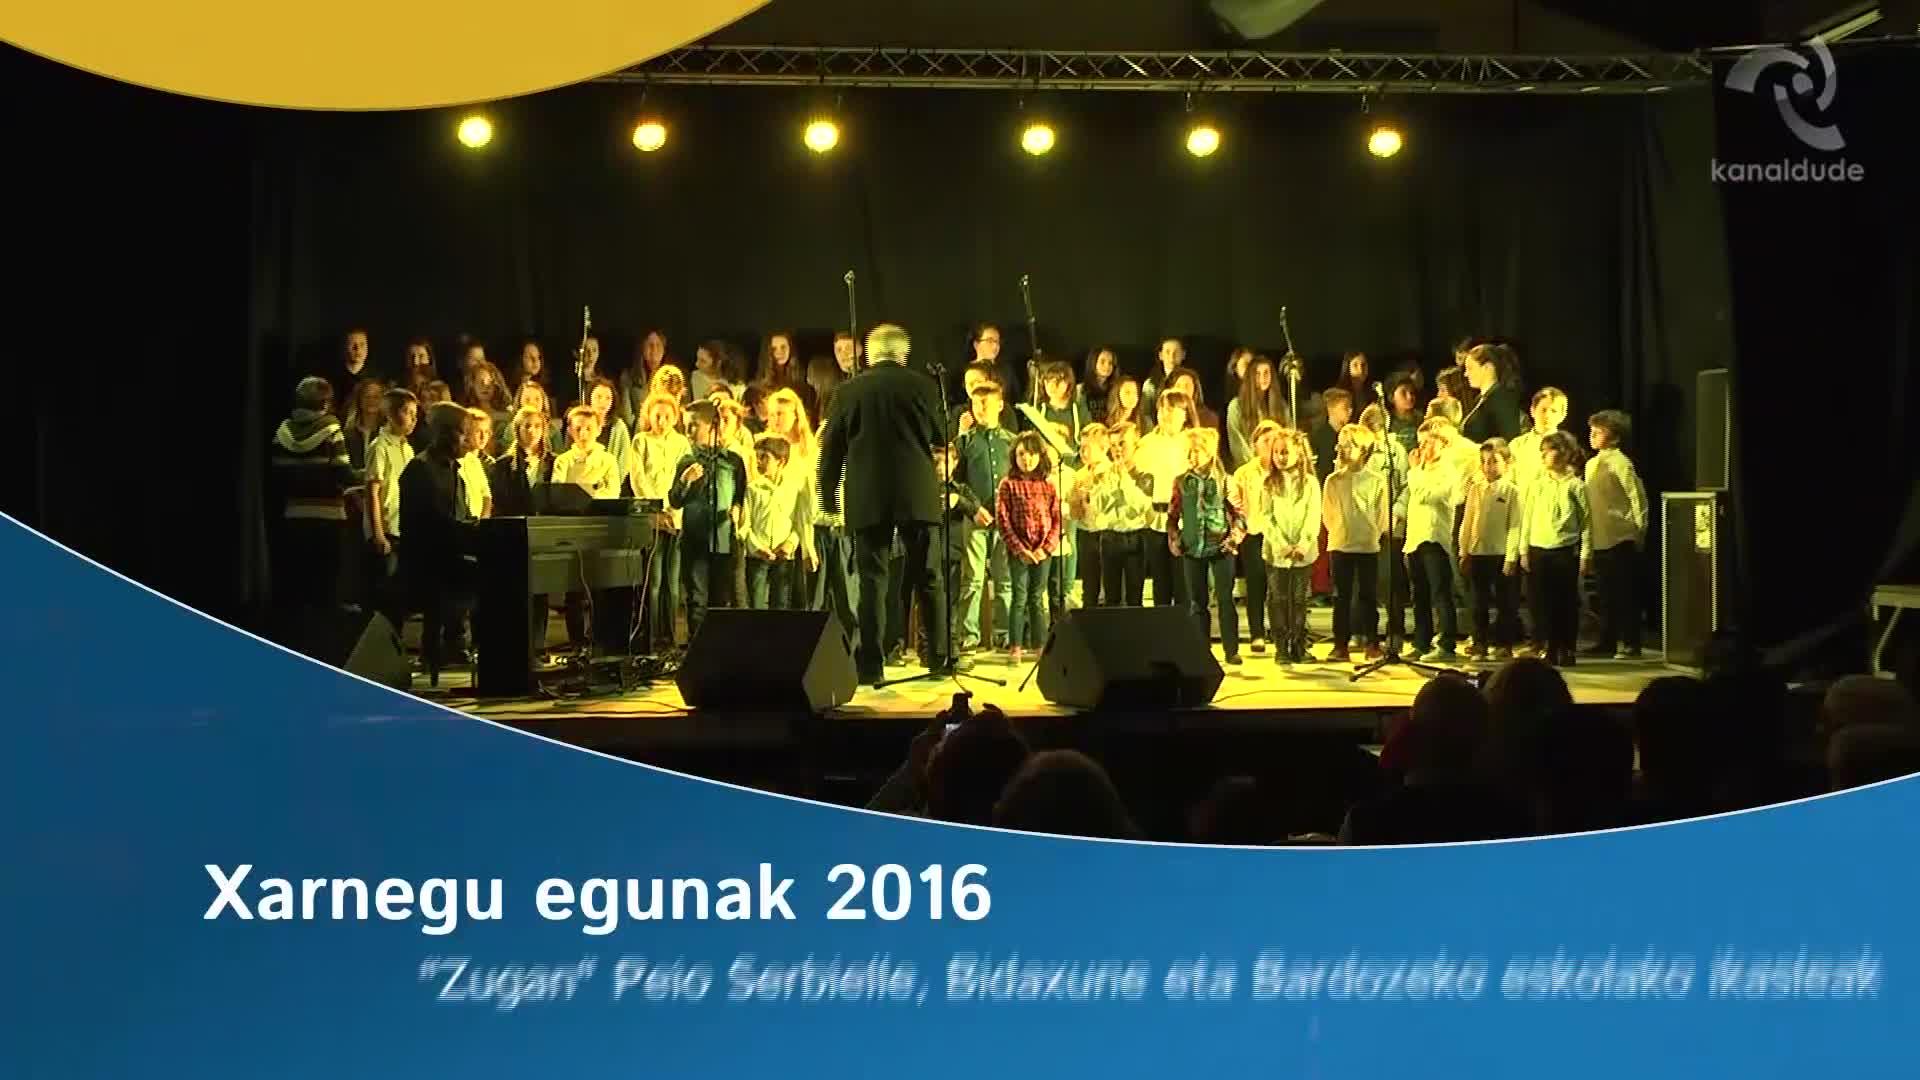 """Xarnegu egunak 2016: """"Zugan"""" kantua"""